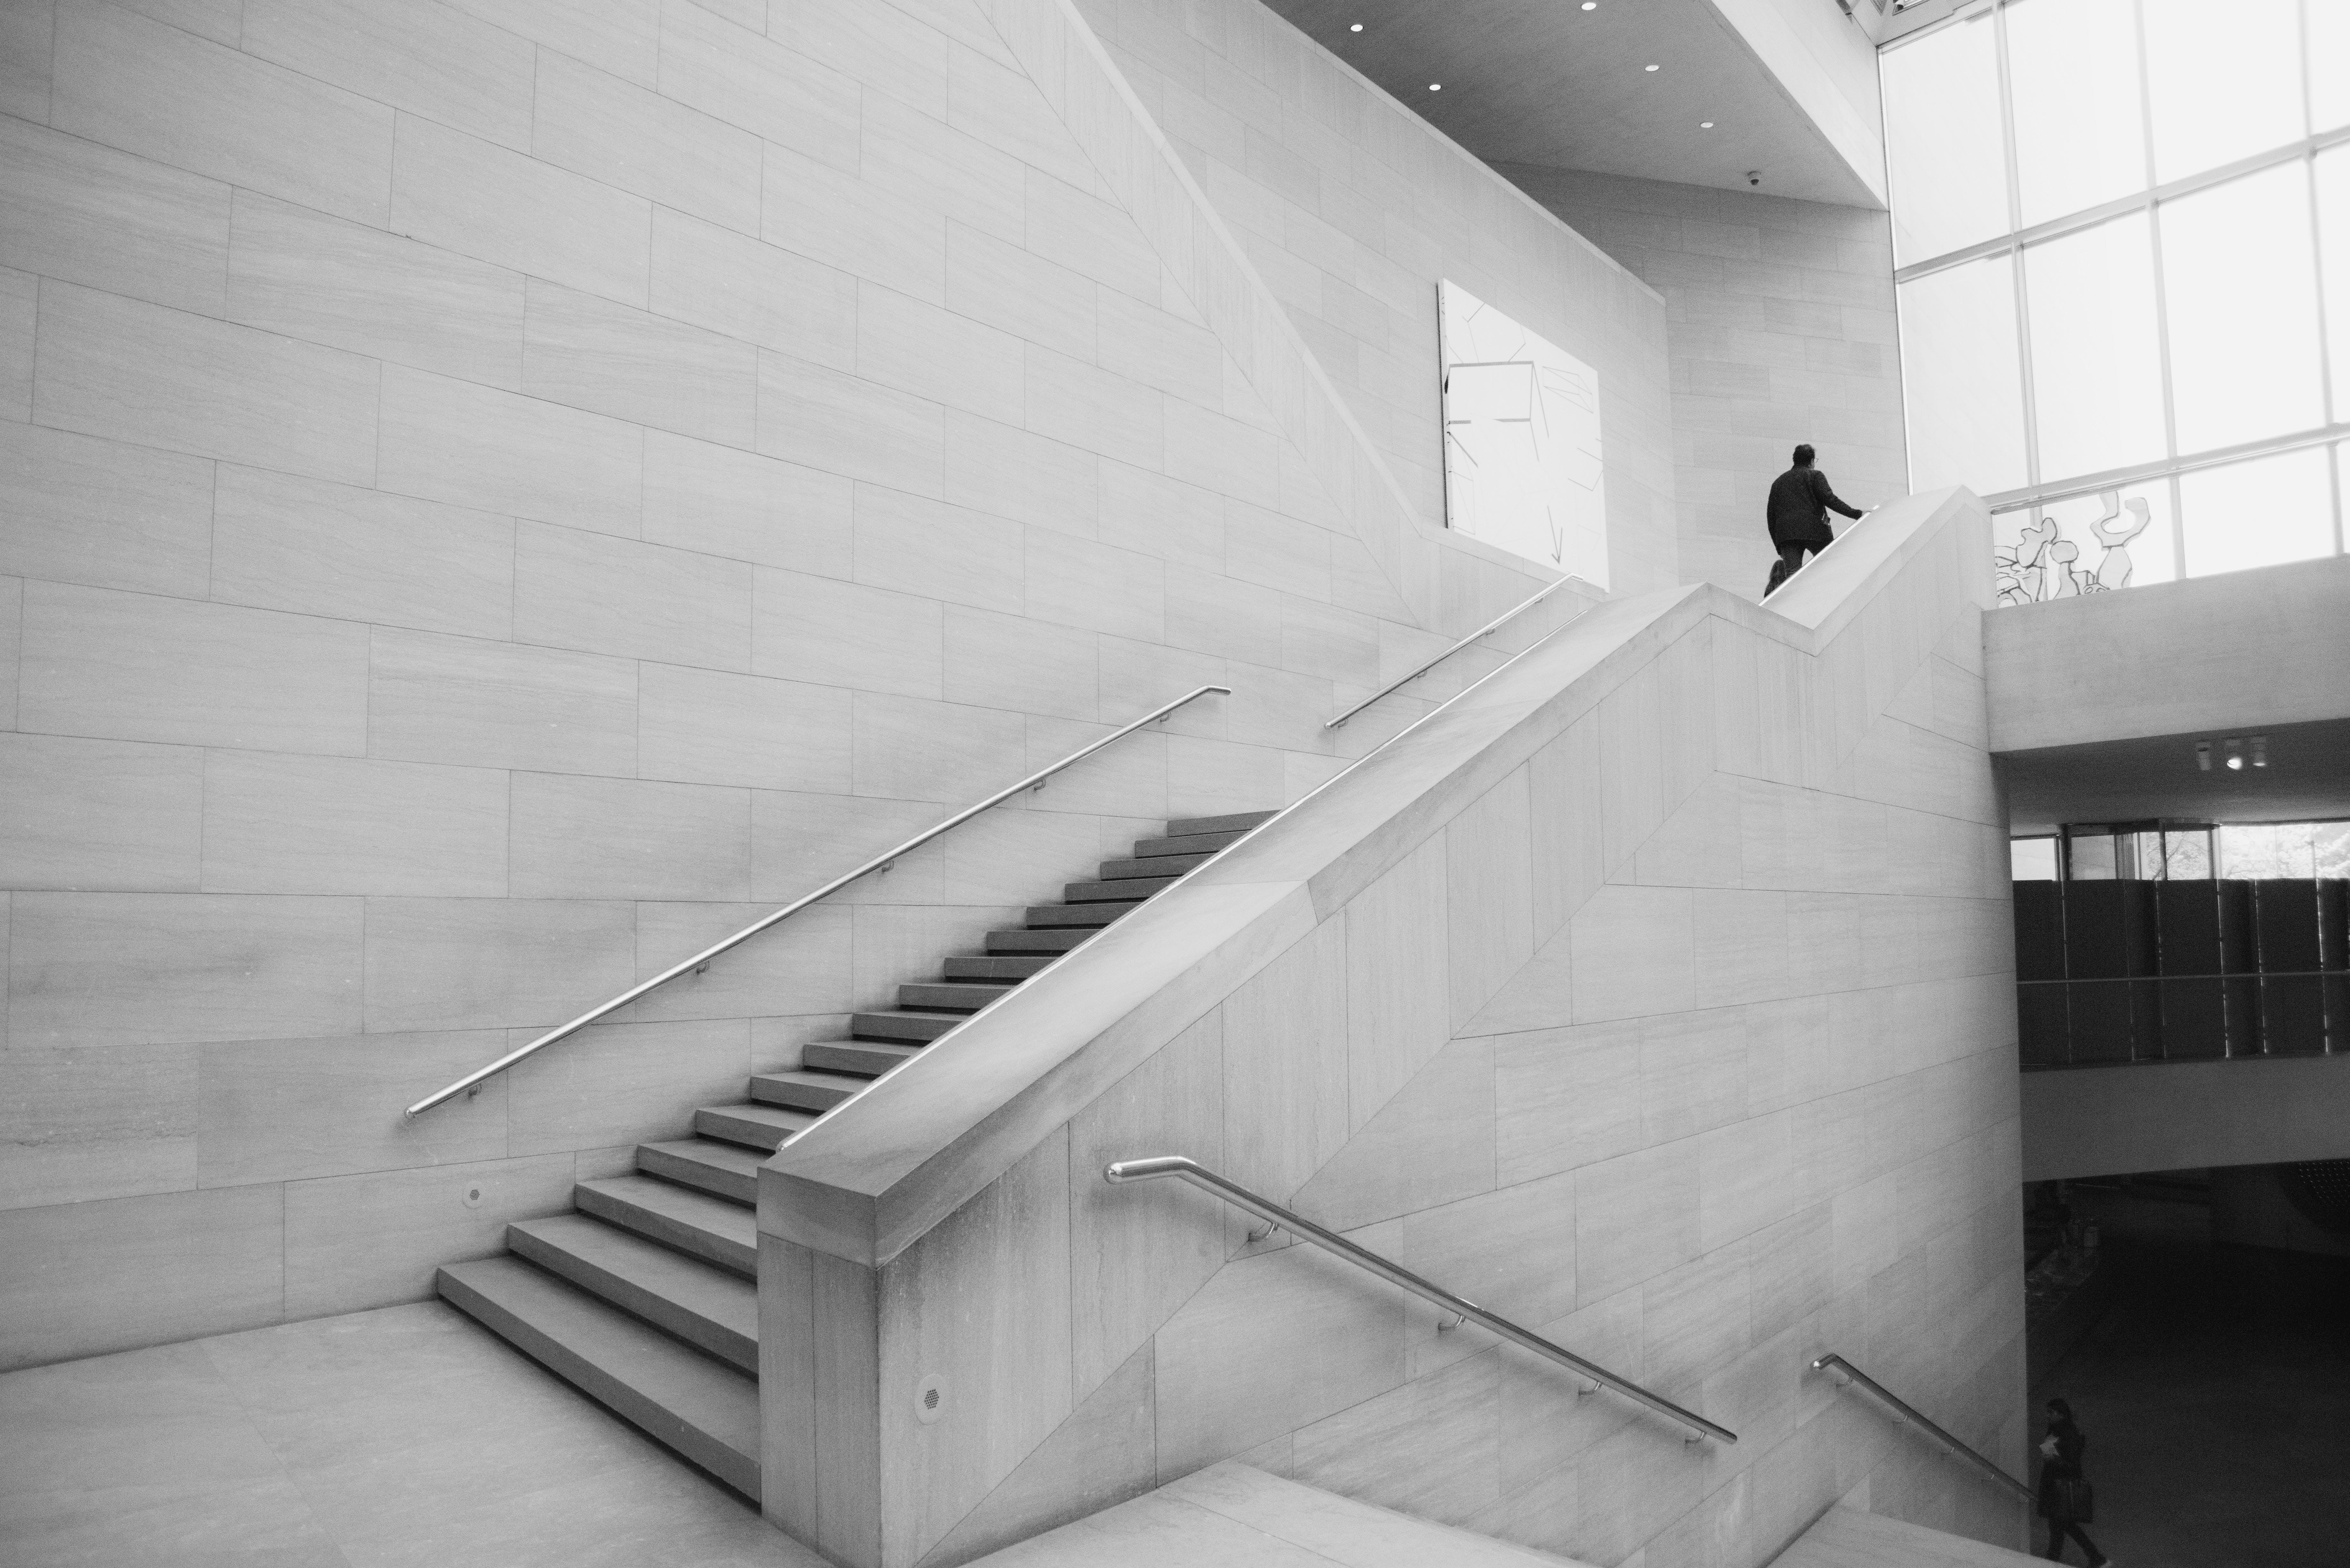 Foto d'estoc gratuïta de arquitectònic, arquitectura, baranes, blanc i negre